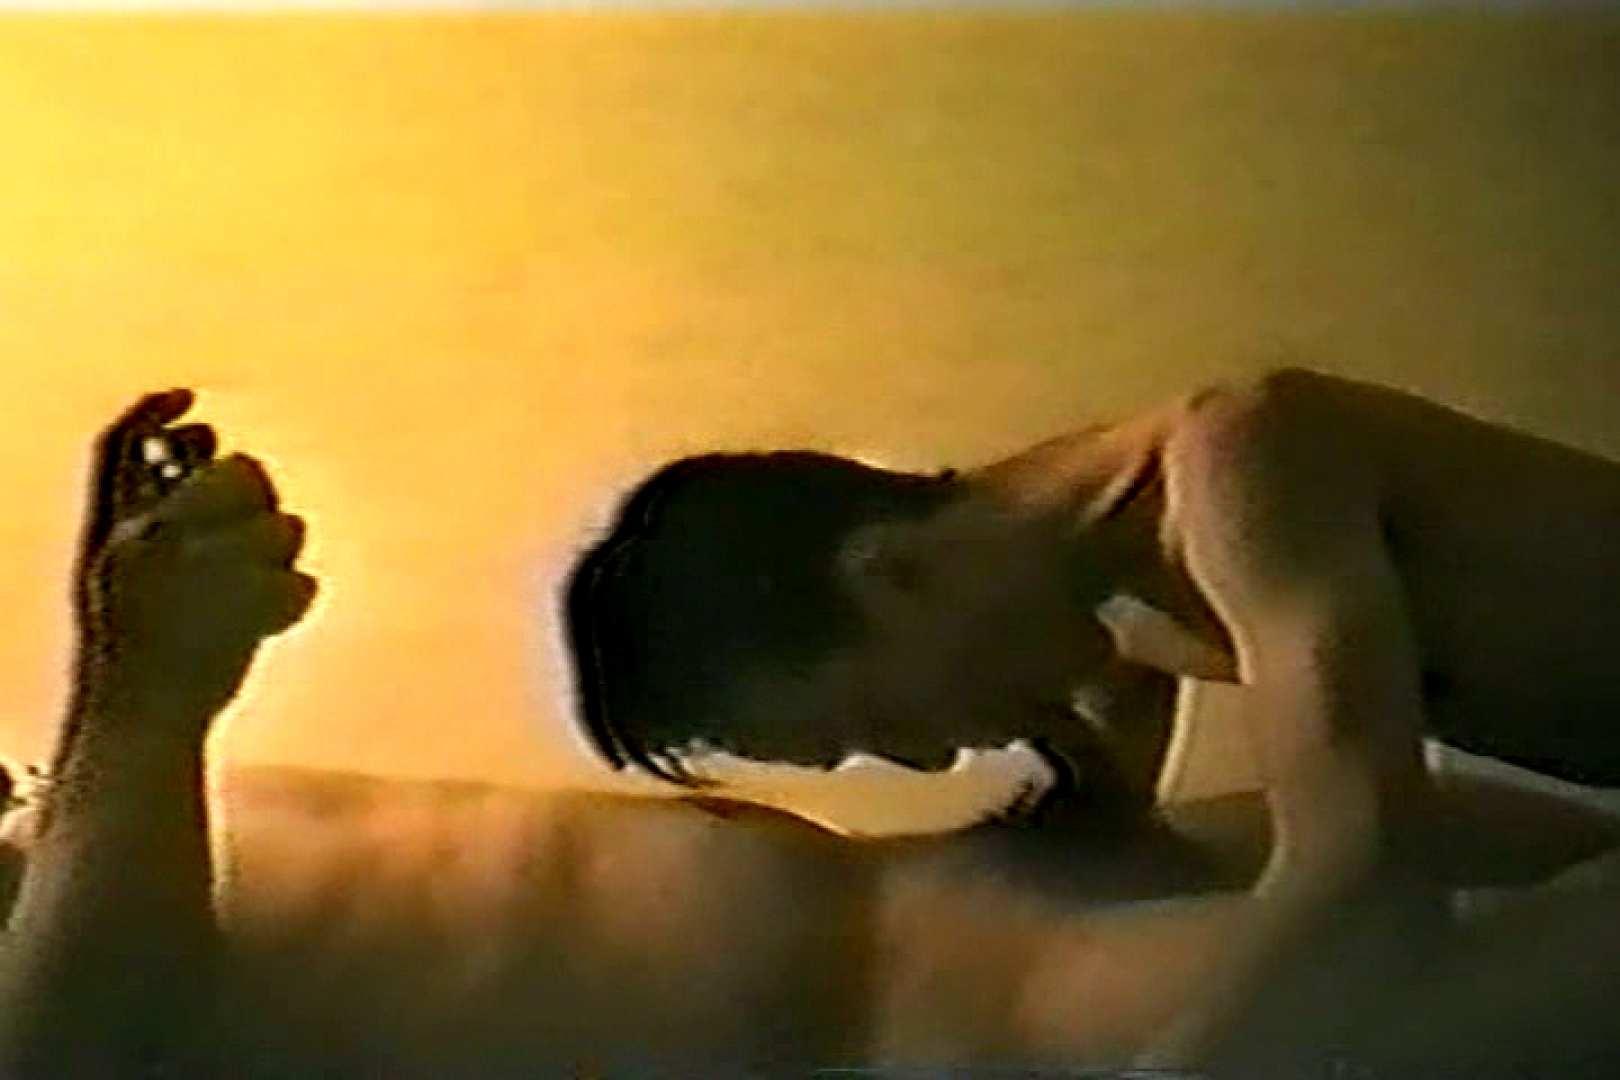 独占!掘って掘ってほりまくれ!生掘りクラブvol.06 フェラ天国 ゲイアダルトビデオ画像 90pic 32